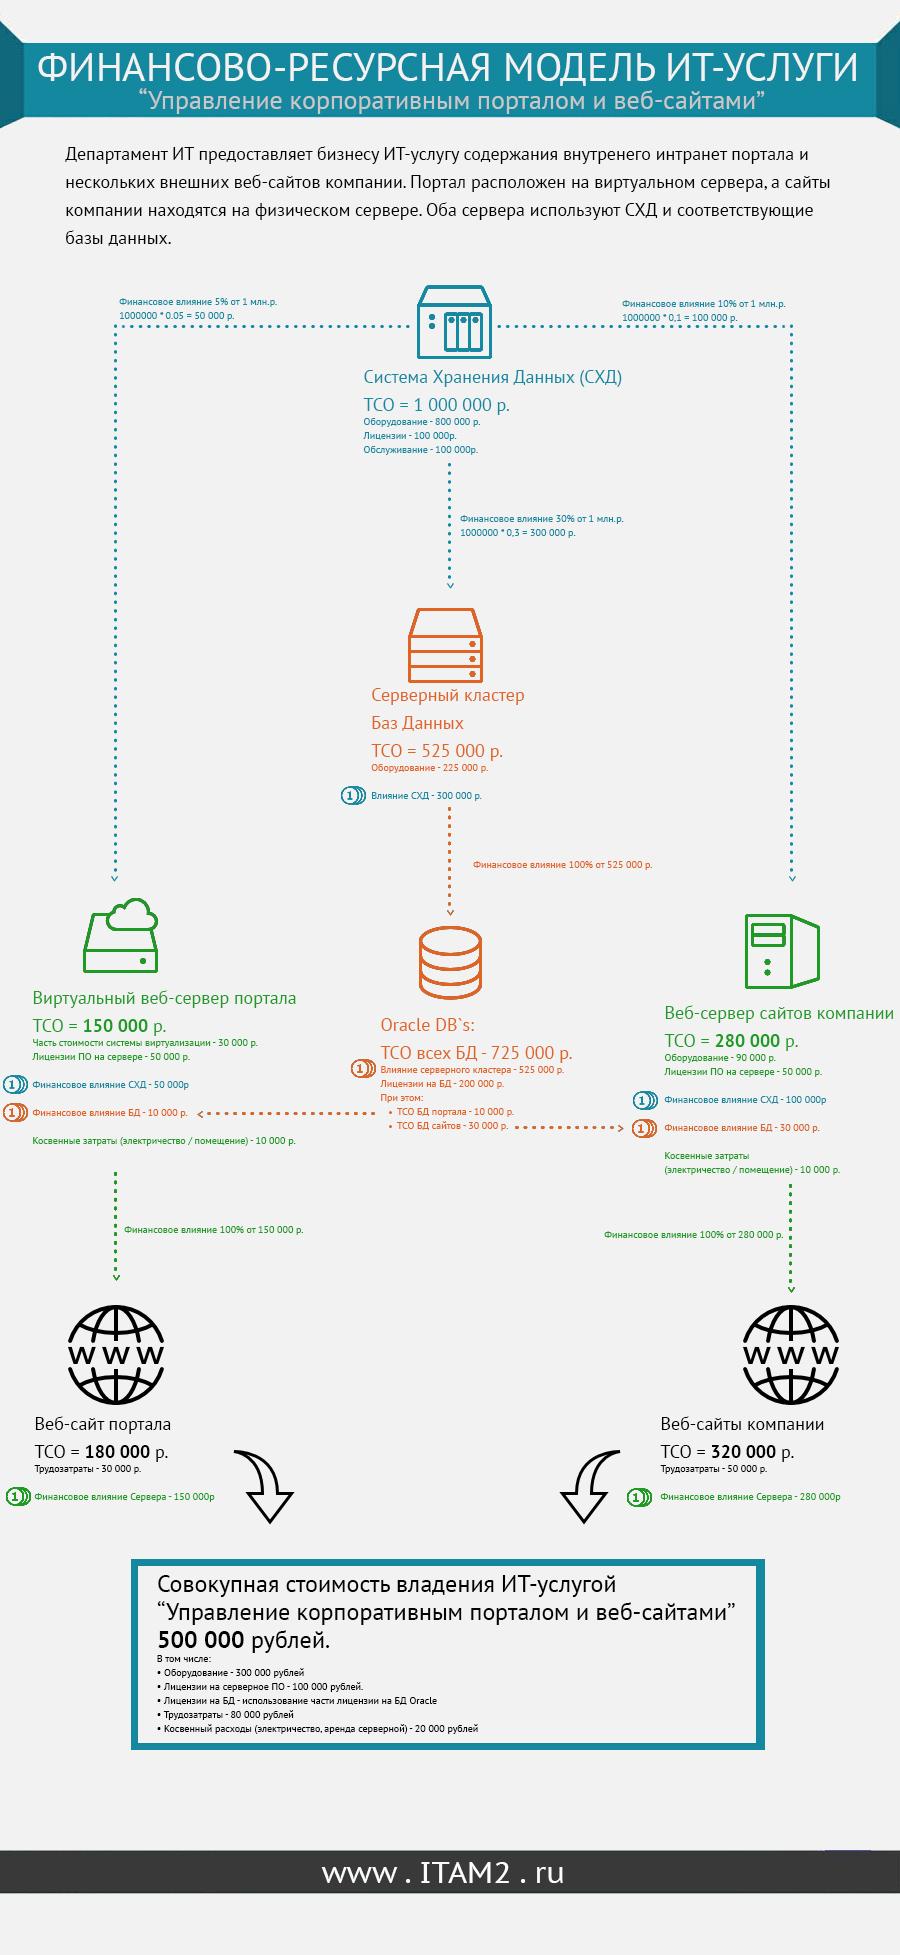 Финансово-Ресурсная модель - пример в инфографике